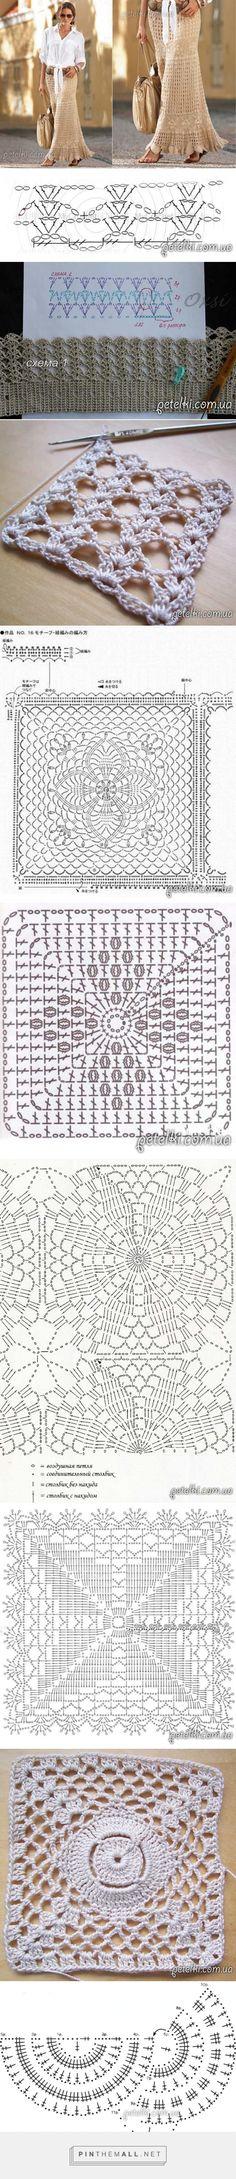 http://petelki.com.ua/schemes_knitted_skirt/819-maksi-yubka-kryuchkom-iz-kataloga-boston-proper-shemy-vyazaniya.html